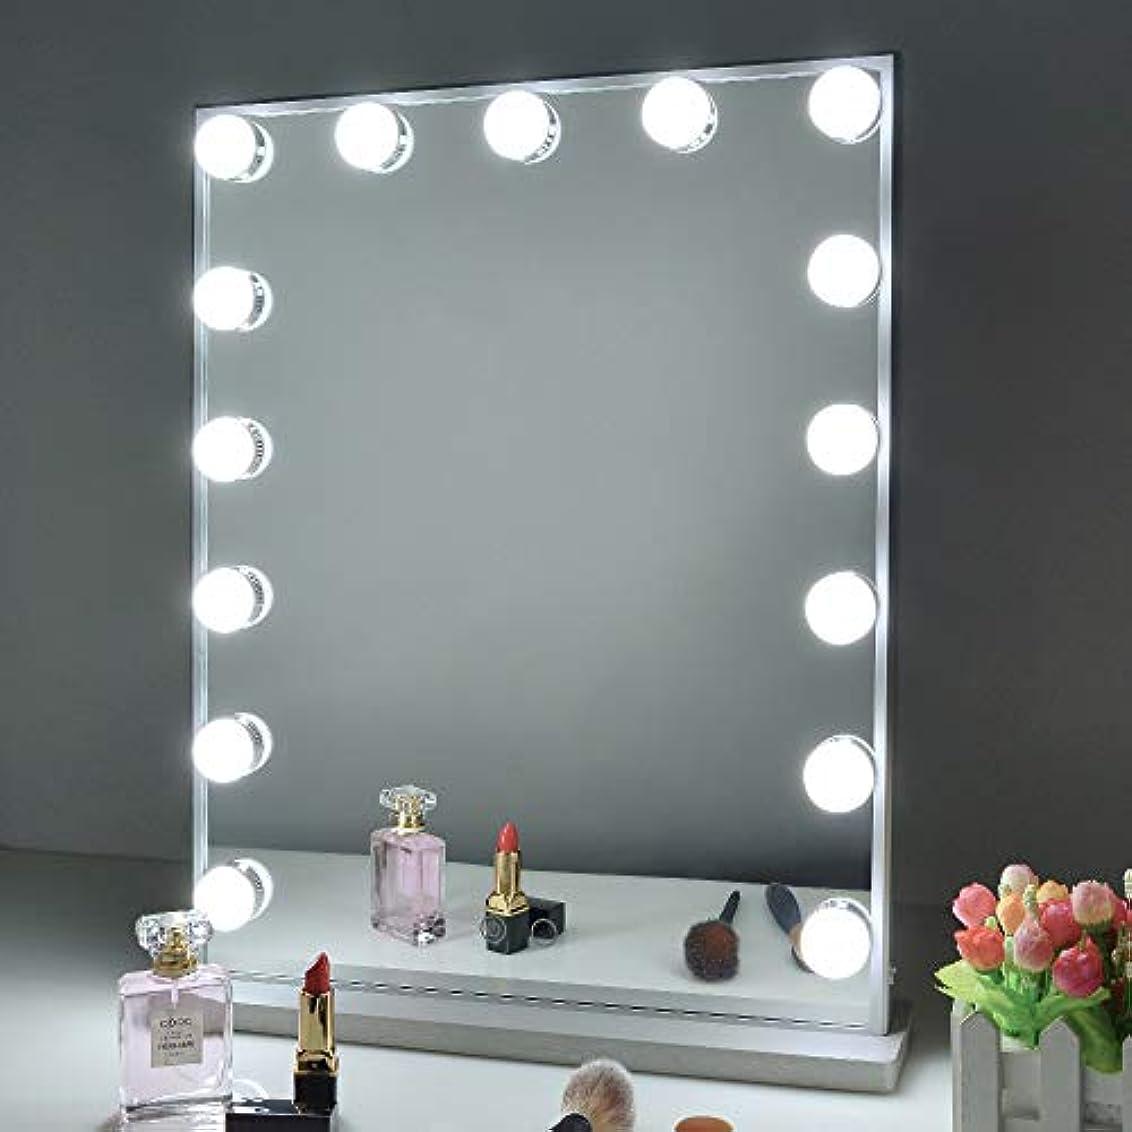 ピット困難Wonstart 女優ミラー led化粧鏡 ハリウッドミラー 15個LED電球付き 寒色?暖色2色調光 明るさ調整可能 スタンド付き 卓上/壁掛け両用(シルバー)